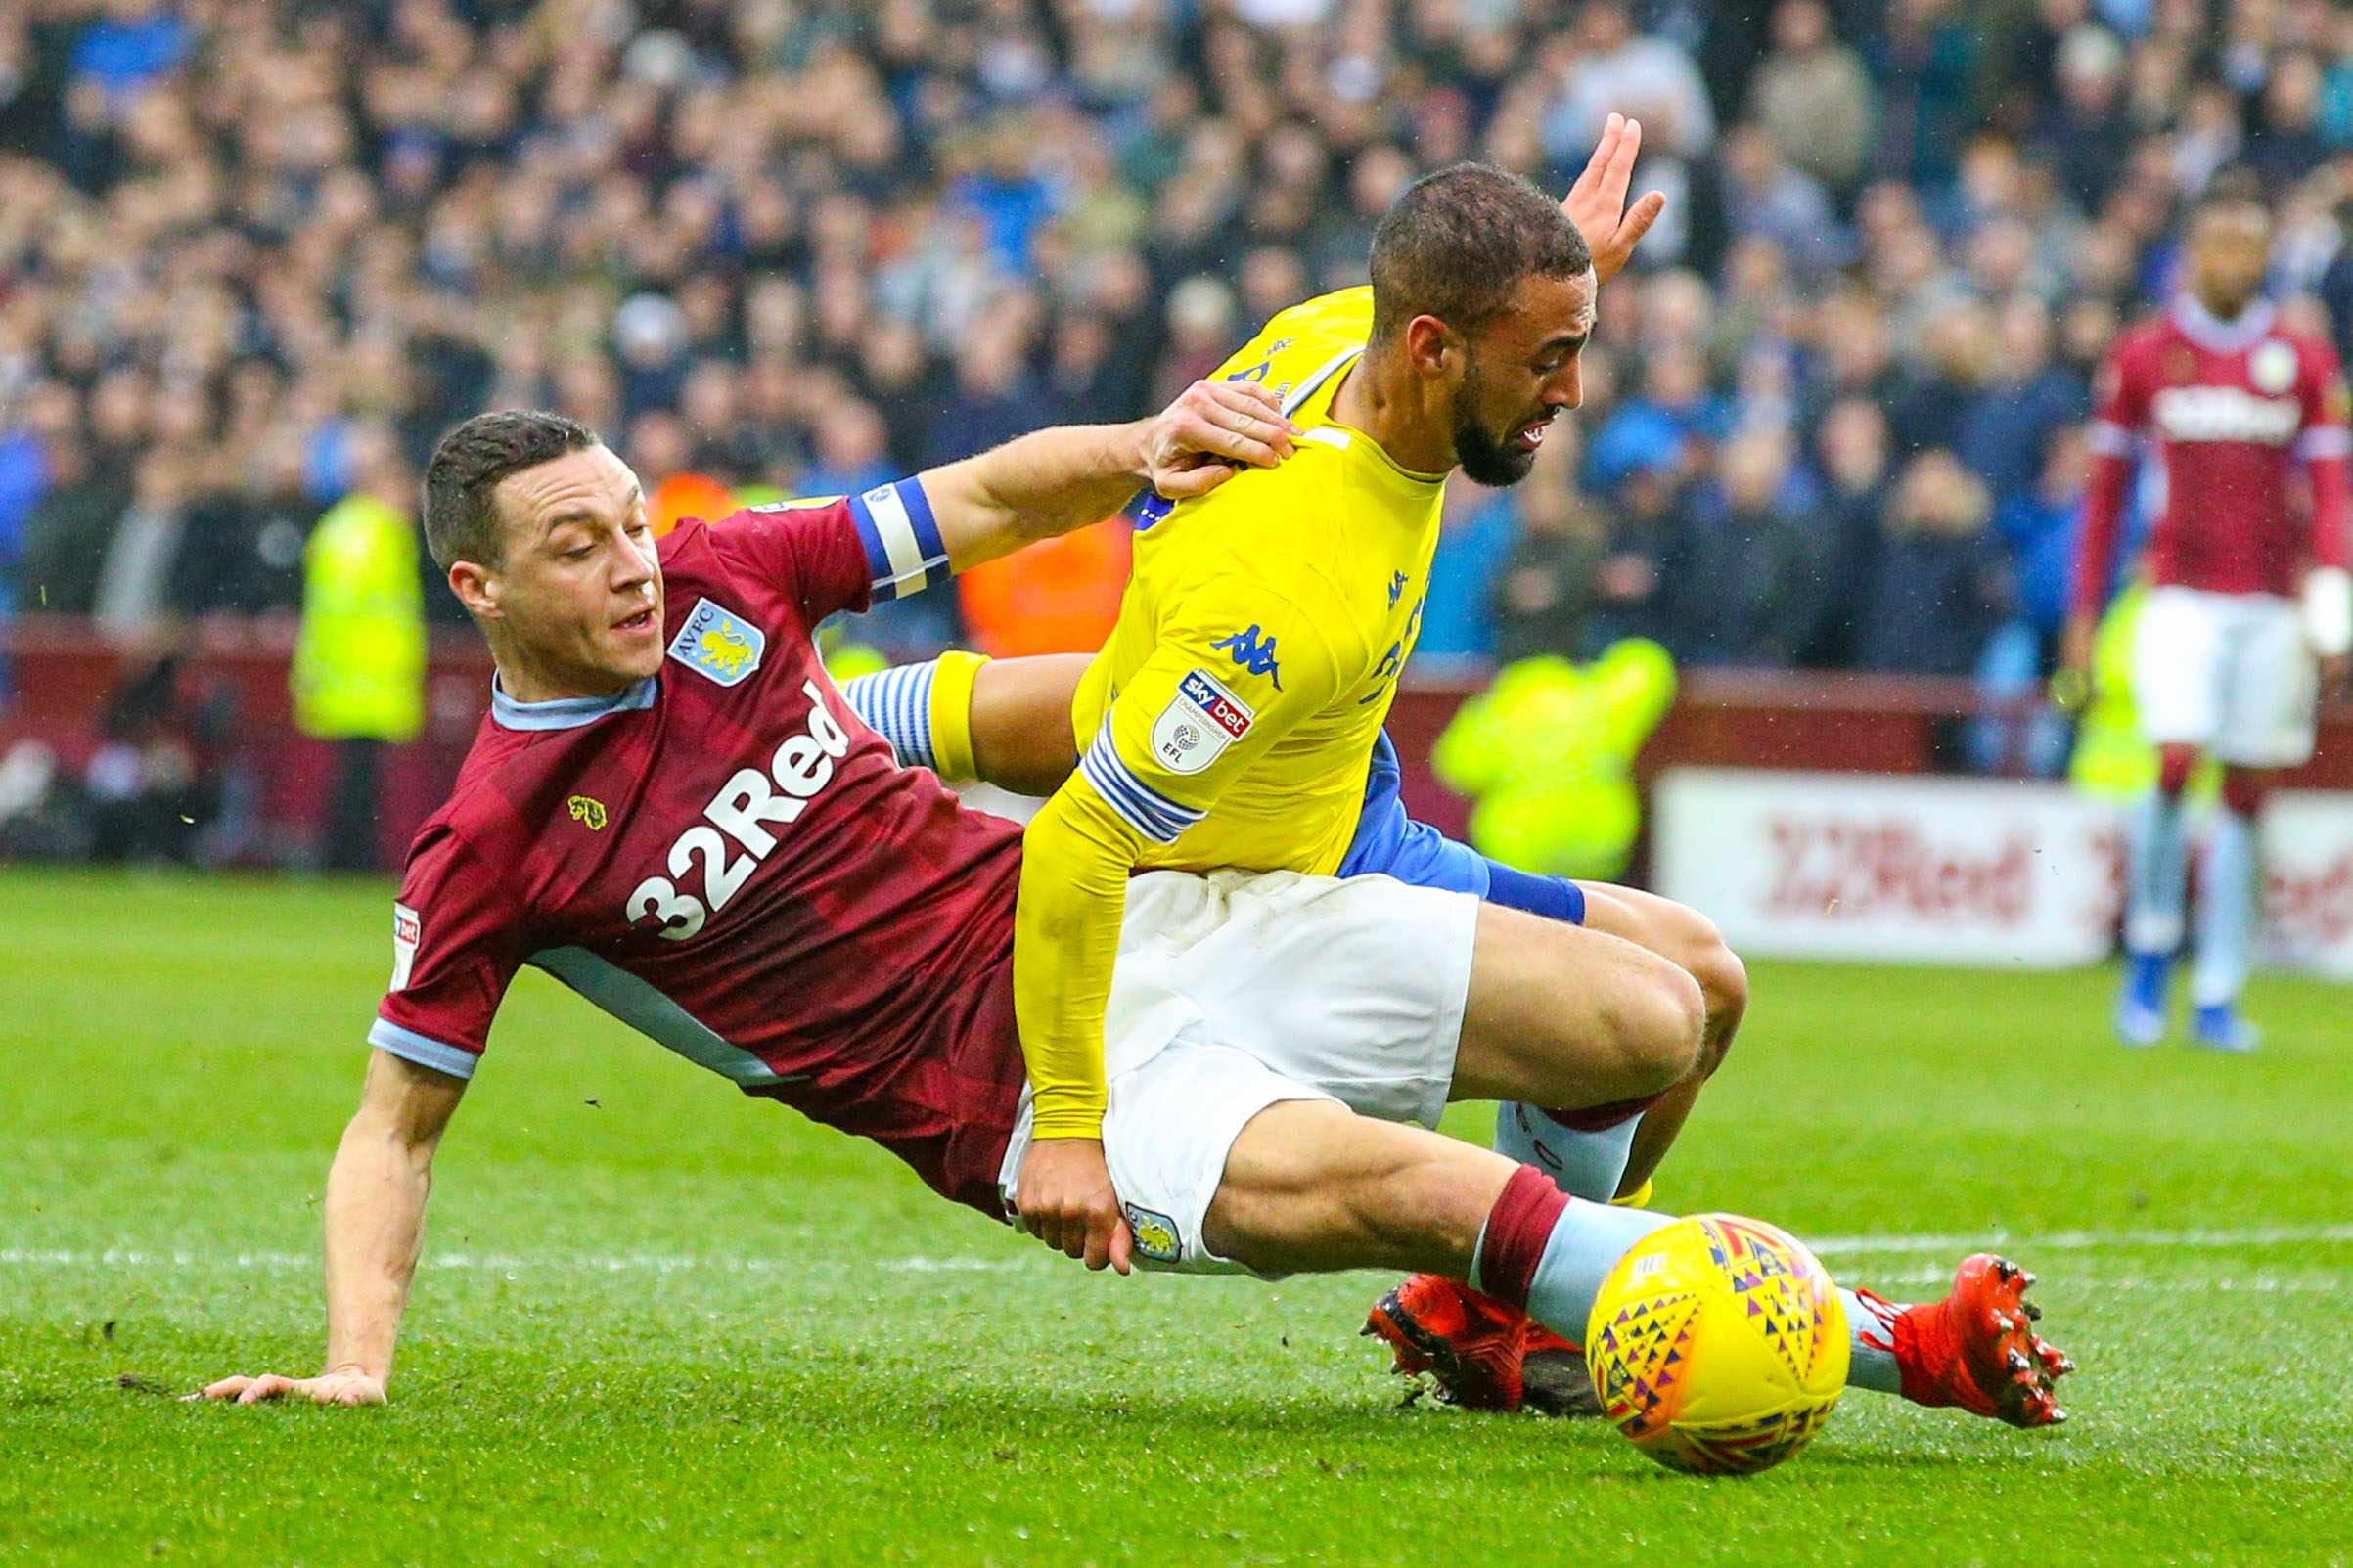 Aston Villa Leeds